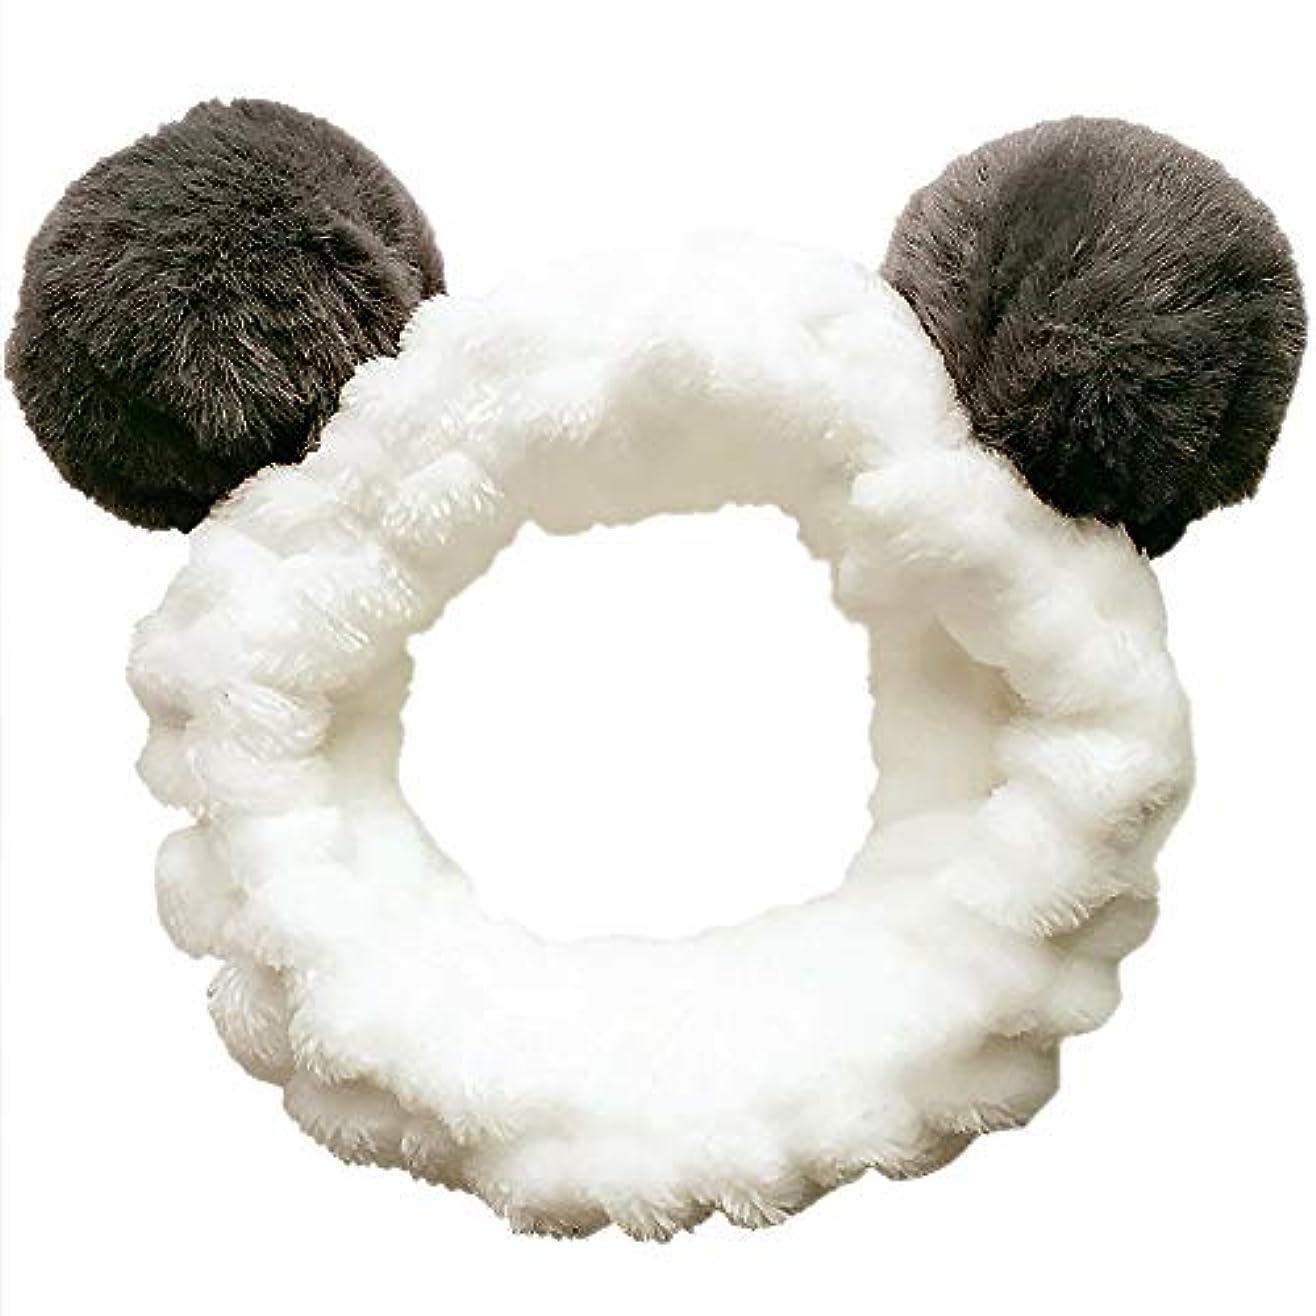 内側スキャンダル明るいヘアバンド 洗顔 動物 パンダ型 柔らかい 吸水 ターバン レディース ヘアアレンジ 伸縮性あり アニマル ふわふわ